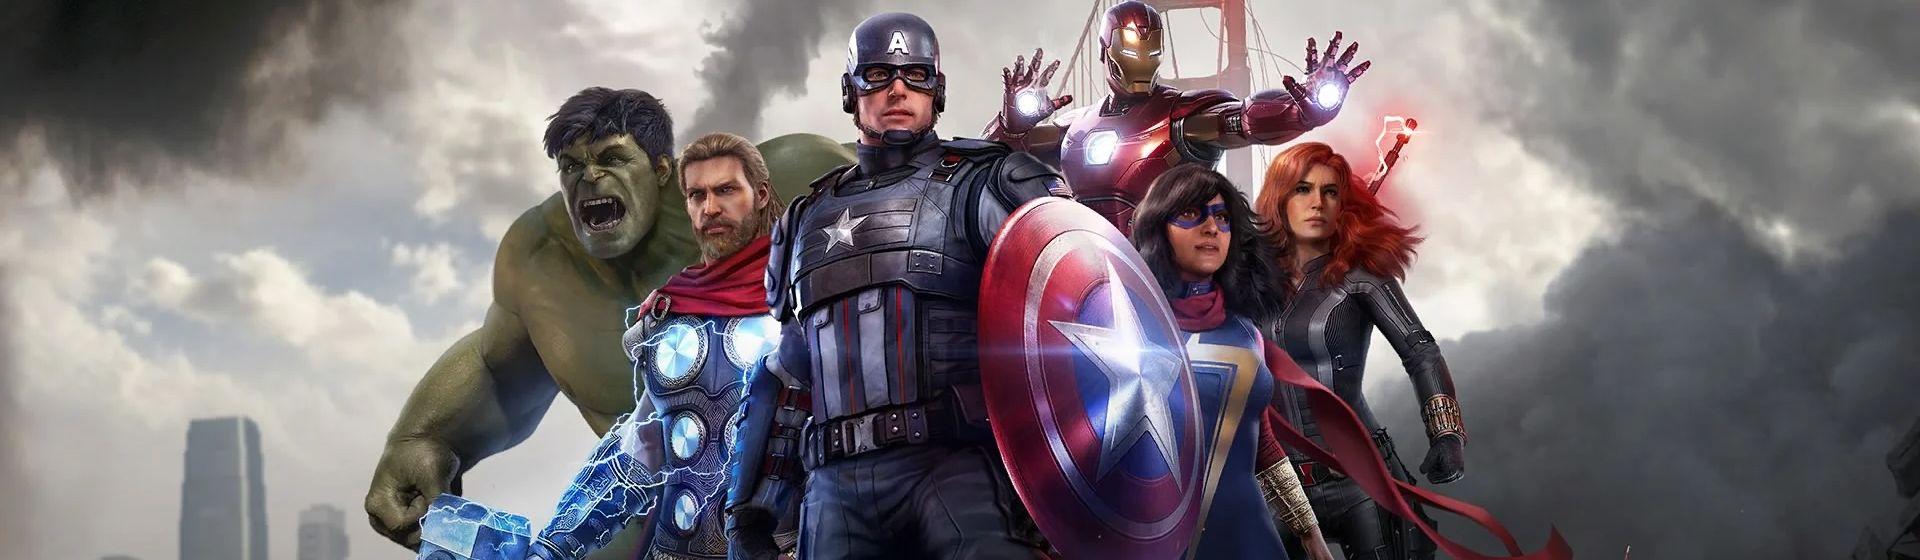 Marvel's Avengers, jogo dos Vingadores, ganha trailer de lançamento